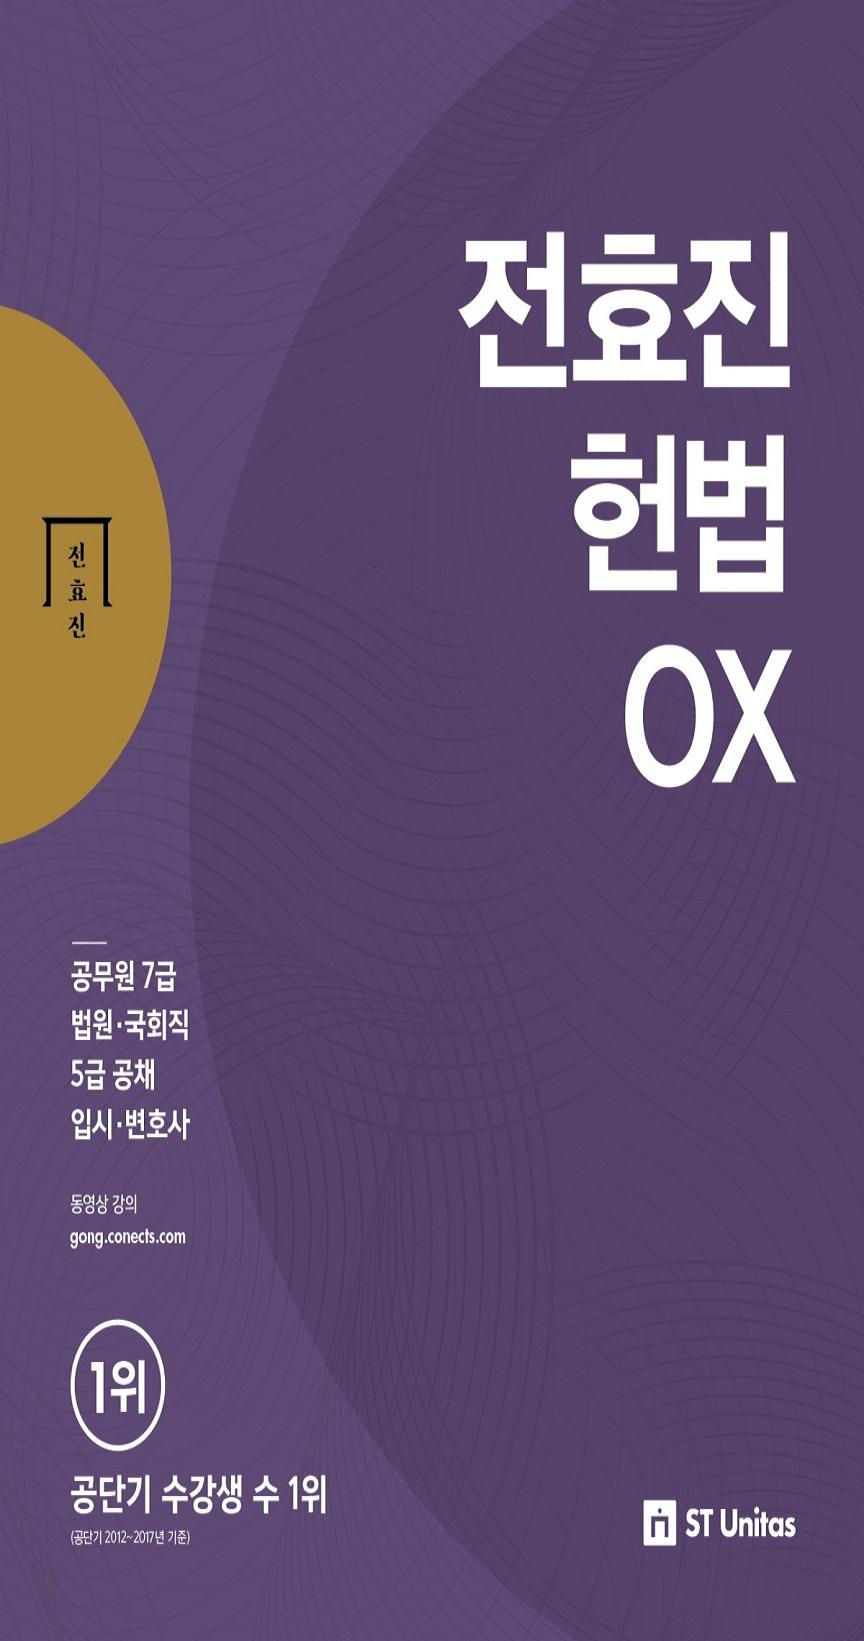 2018 전효진 헌법 OX